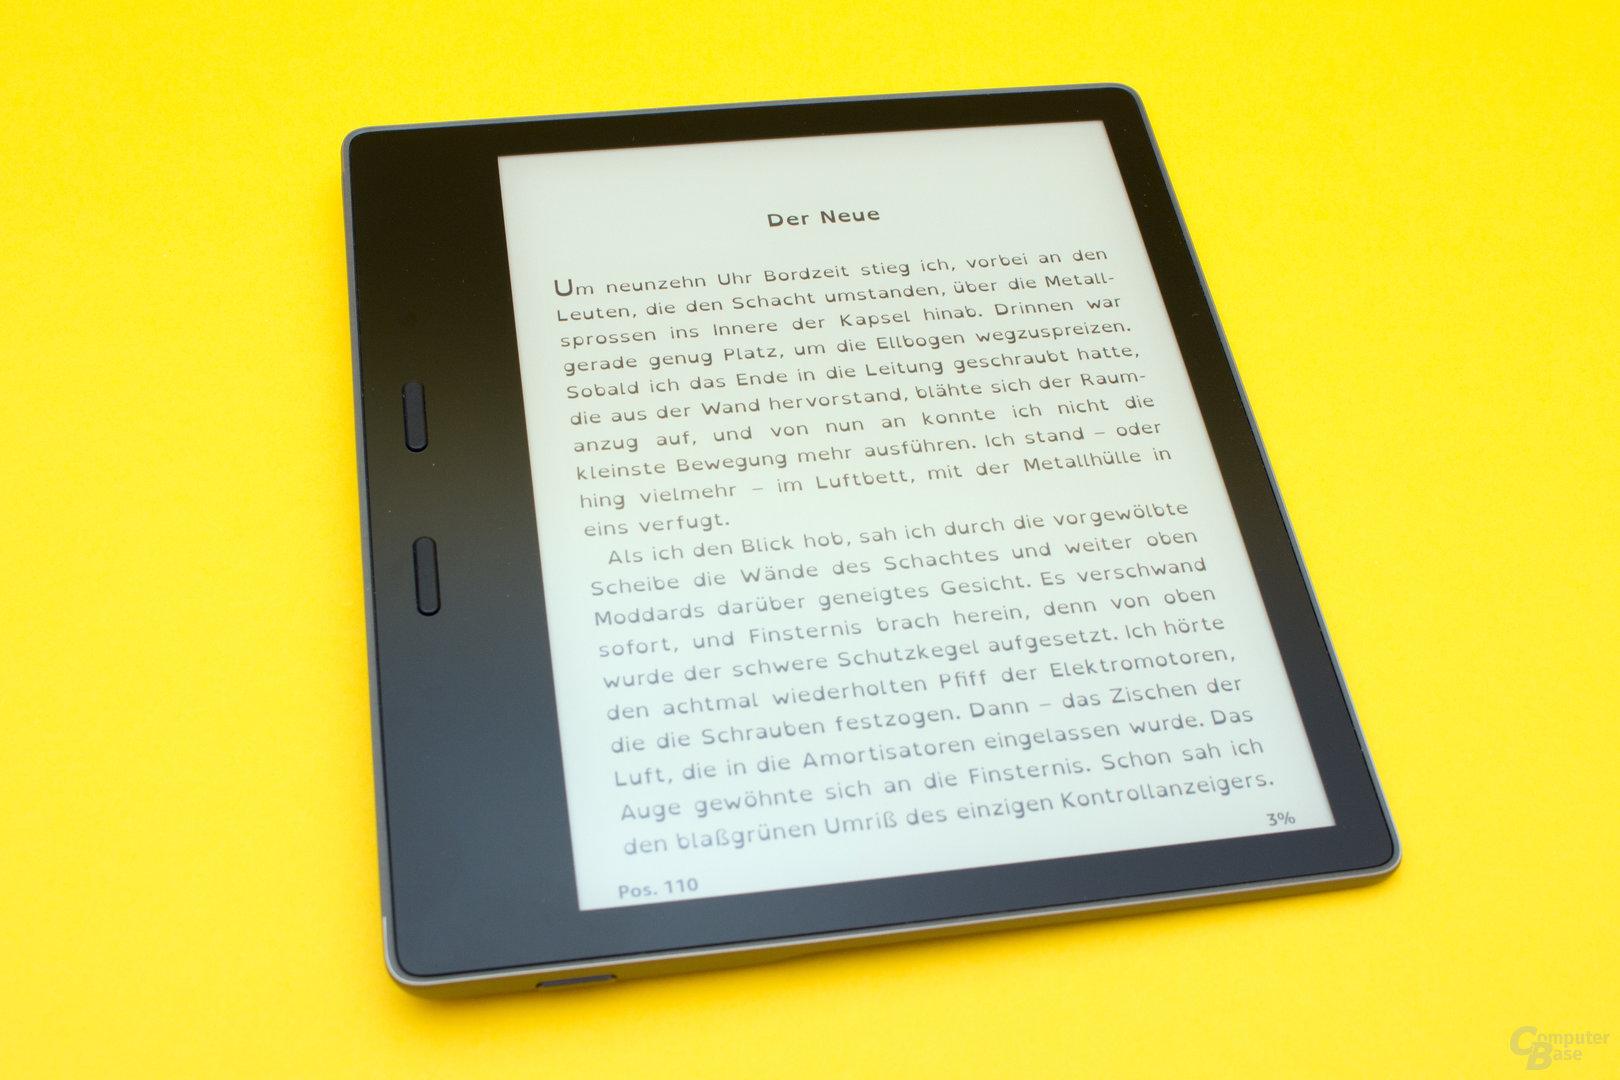 OpenDyslexic-Font für Menschen mit Leseschwäche